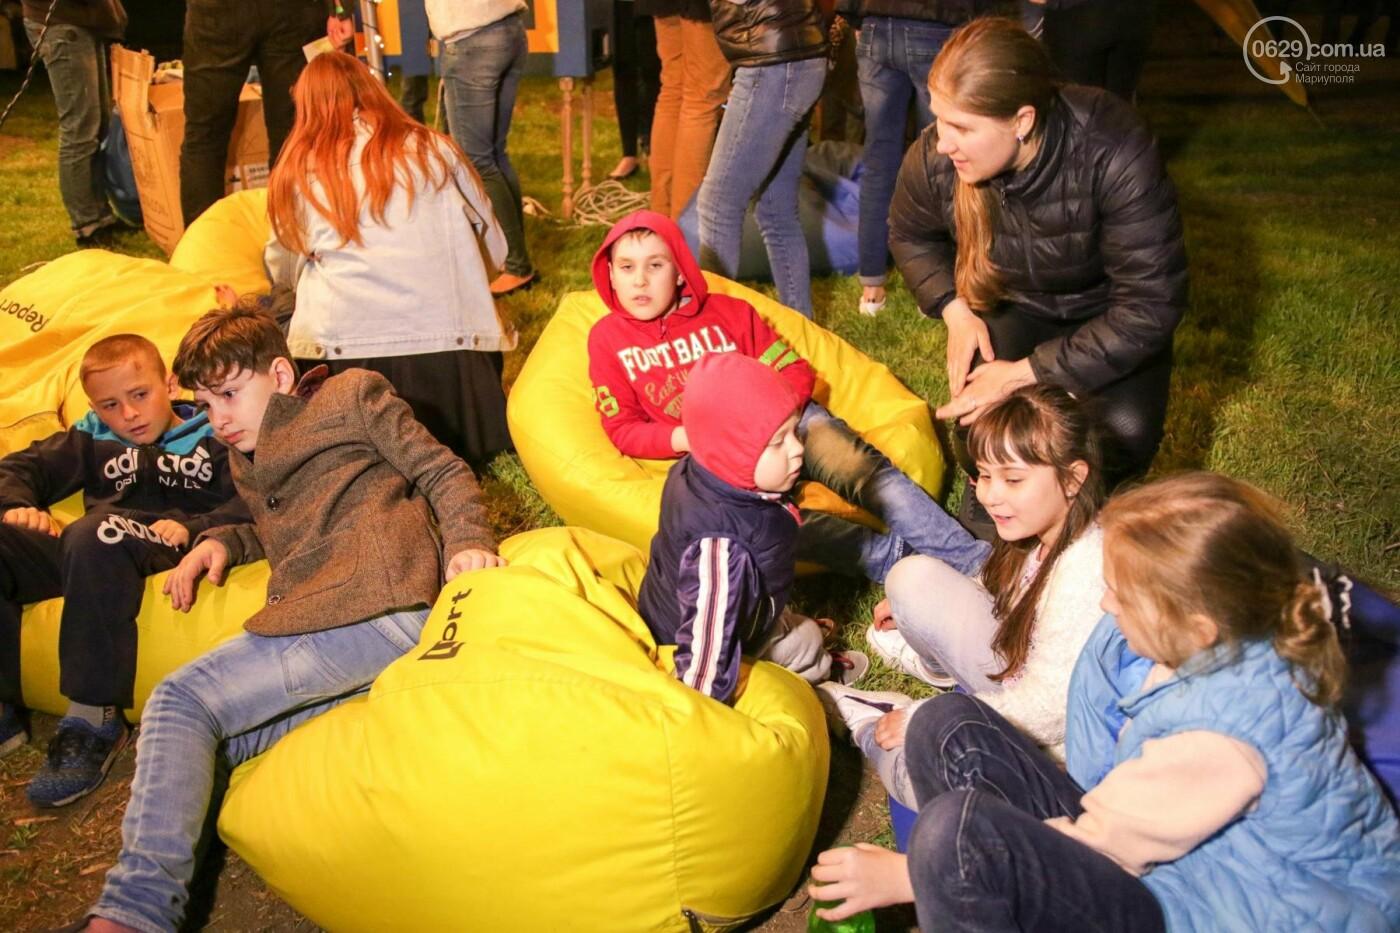 Концерт Dakh Daughters в Городском саду: фееричное открытие ГогольFesta в Мариуполе (ФОТОРЕПОРТАЖ, ВИДЕО), фото-16